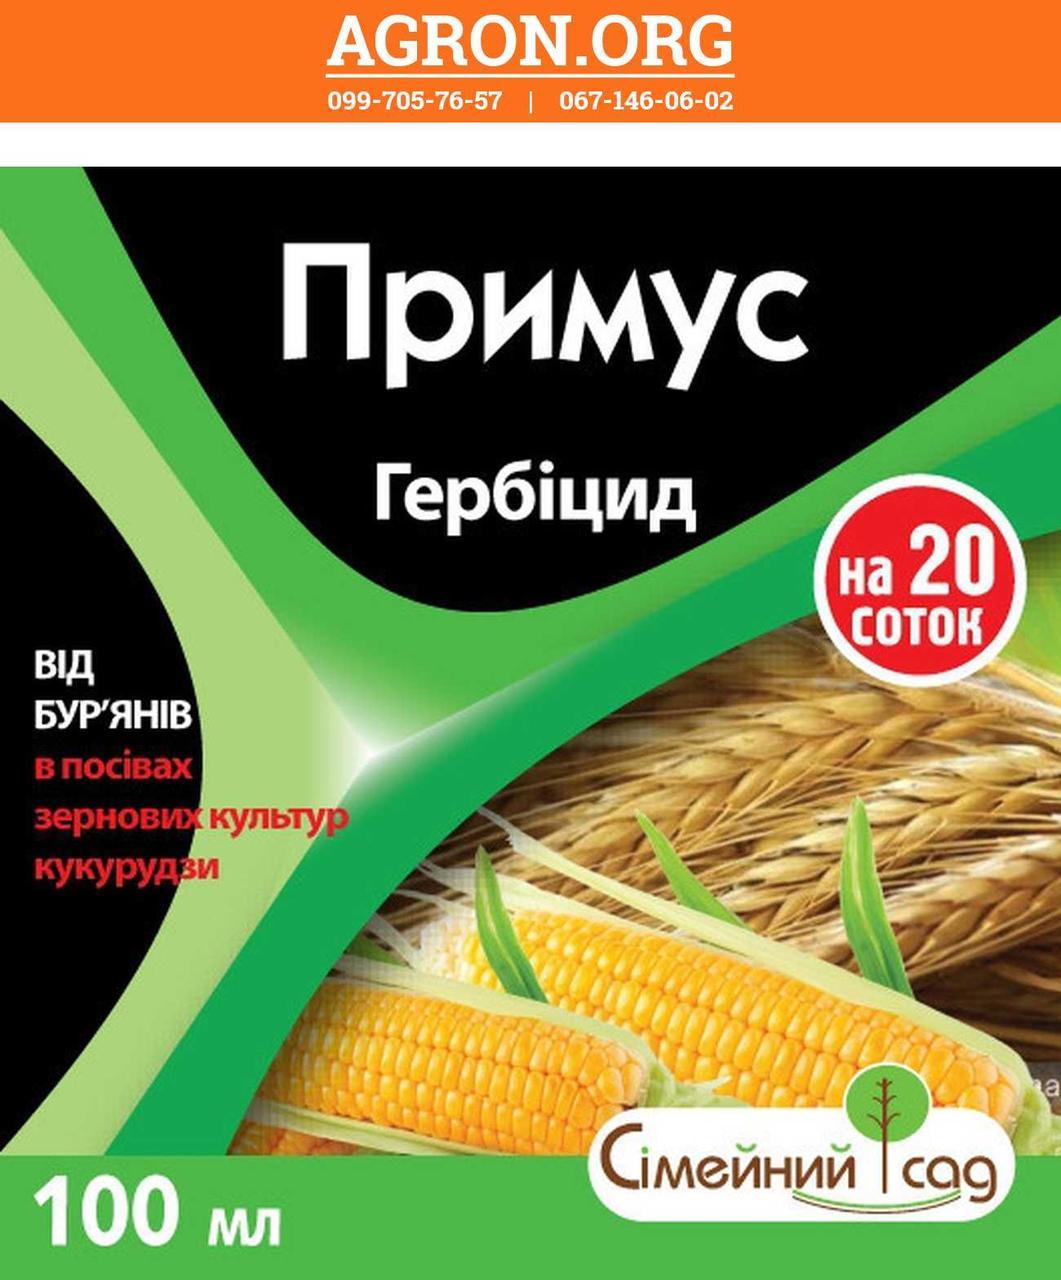 Примус гербицид для знищення дводольних злакових бур'янів Вассма-Рітейл 100 мл